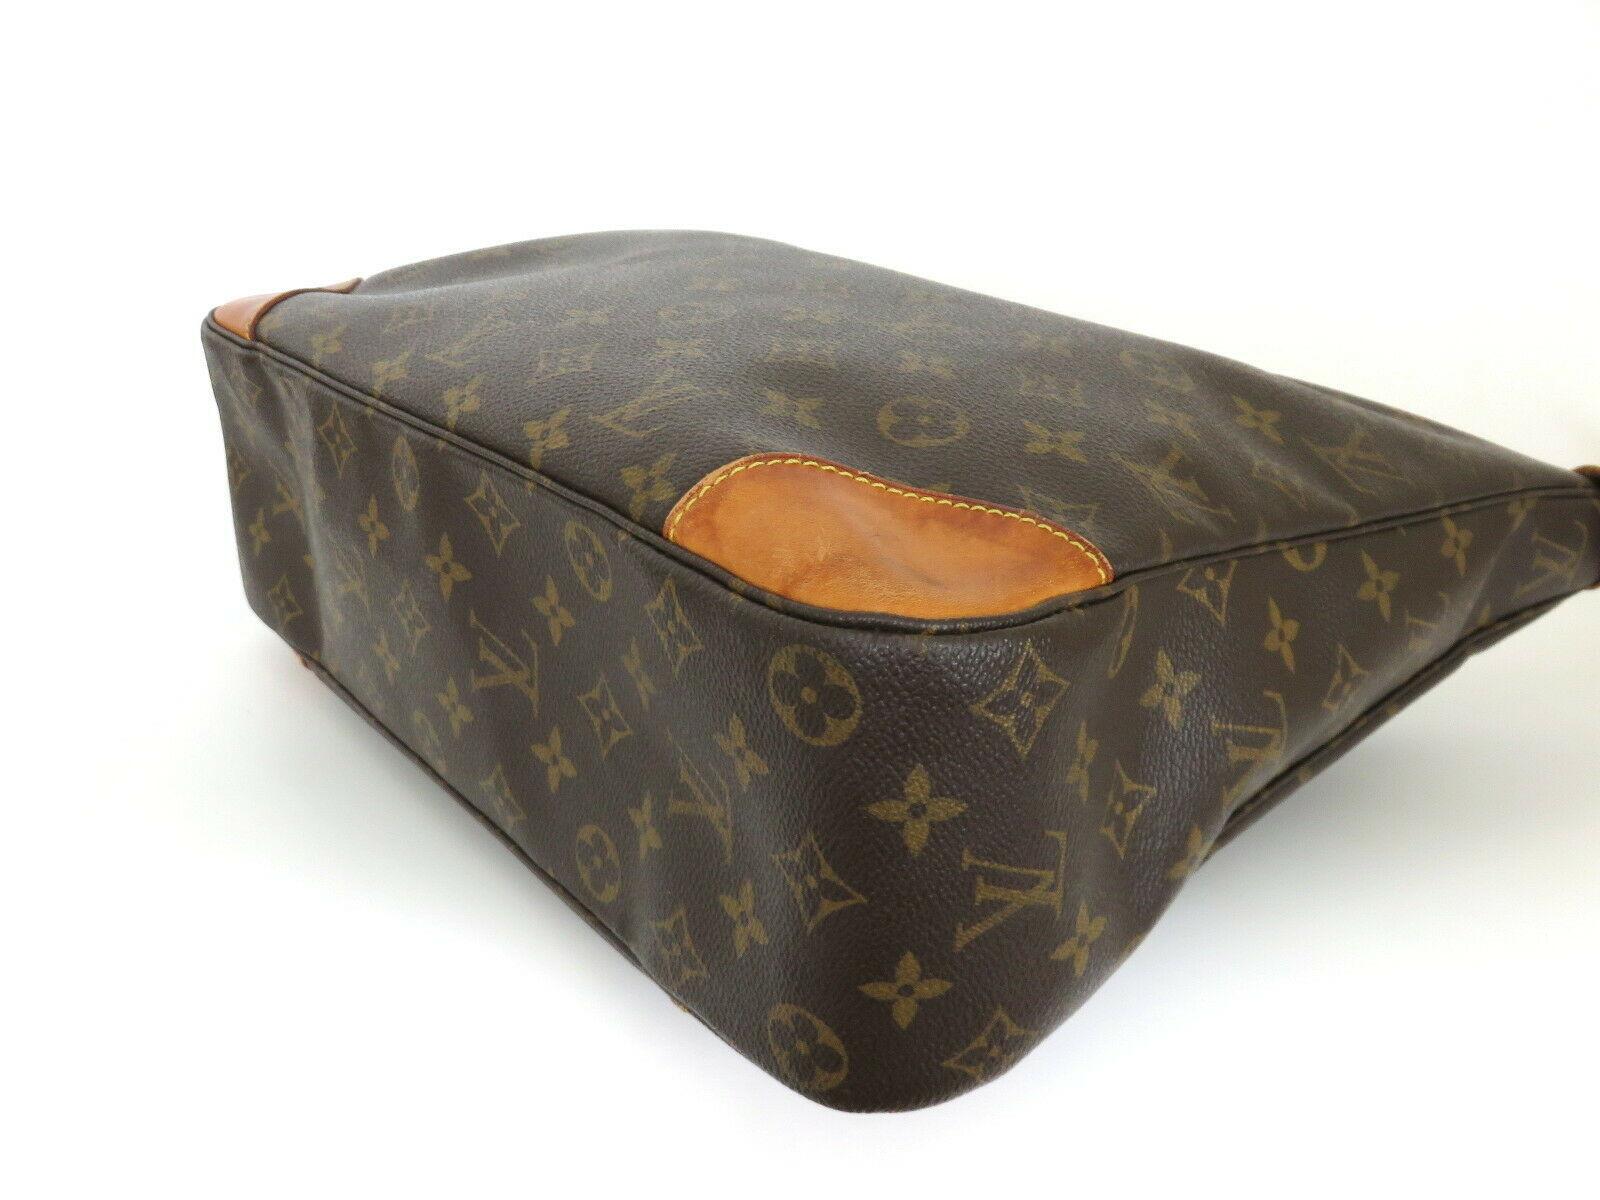 Authentic LOUIS VUITTON Monogram Canvas Leather Boulogne 35 Shoulder Bag image 4